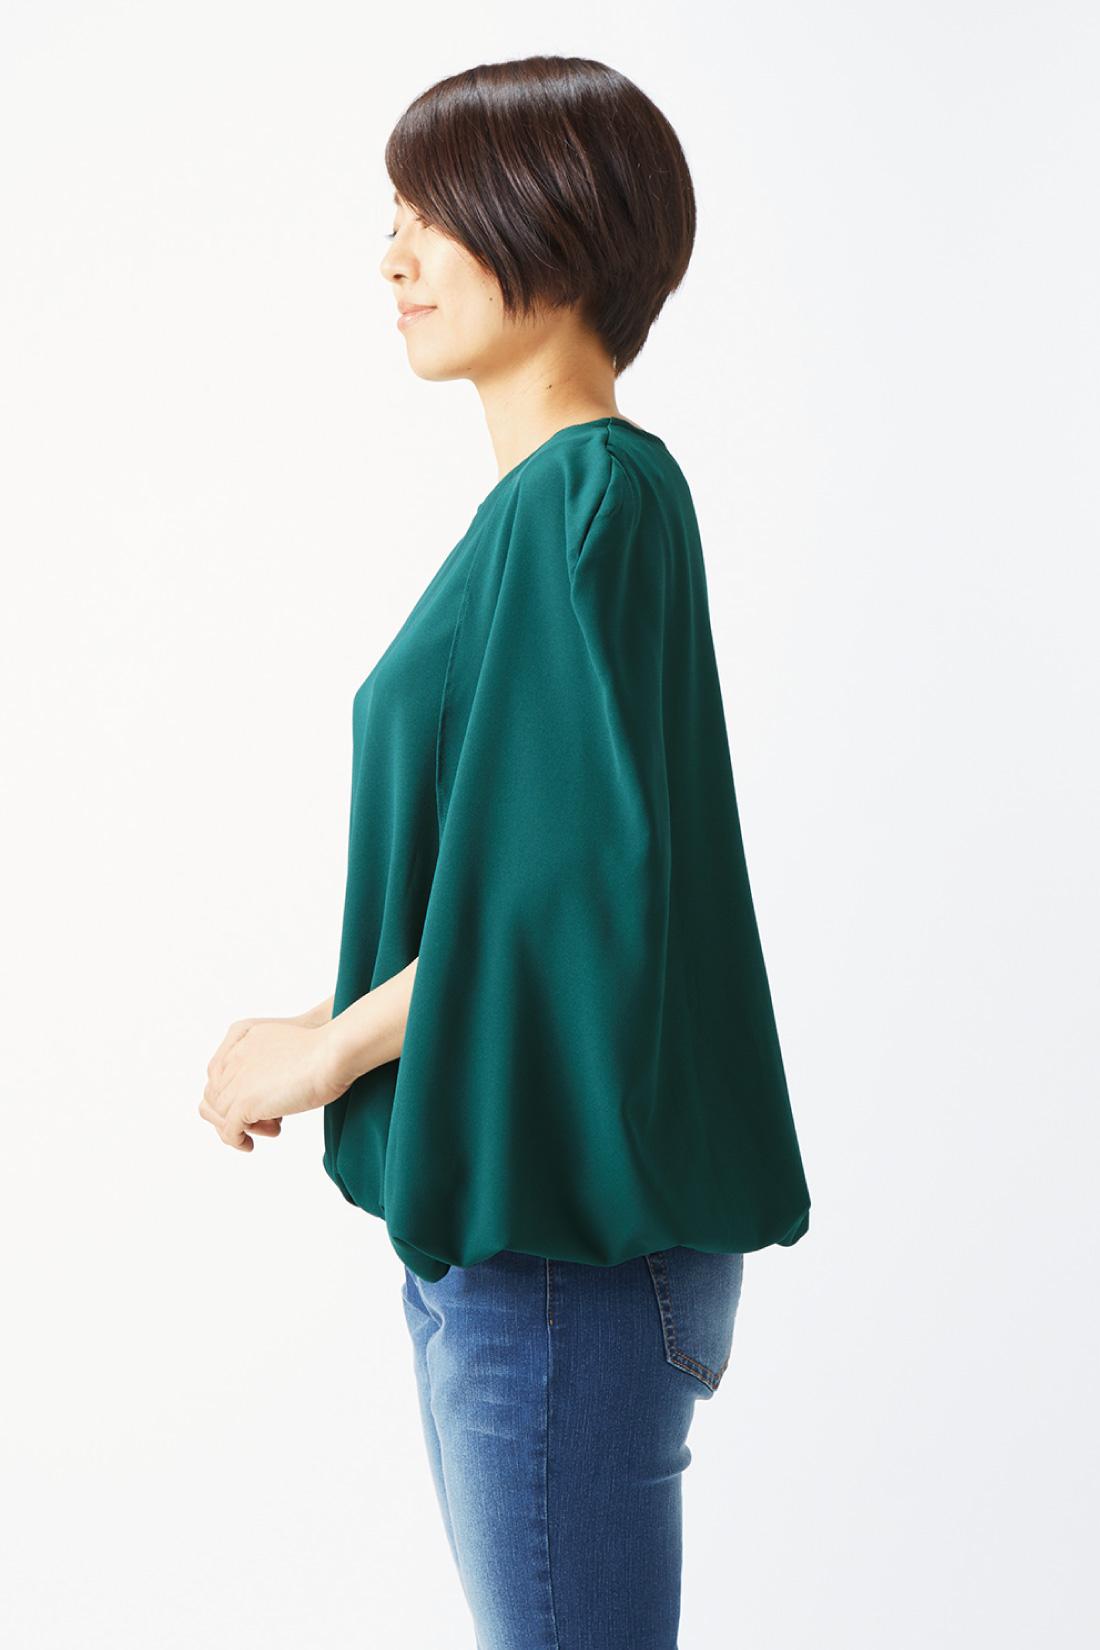 ノースリーブトップスの肩にケープを重ねたような仕様。ずり落ちないのも安心。※着用イメージです。お届けするカラーとは異なります。